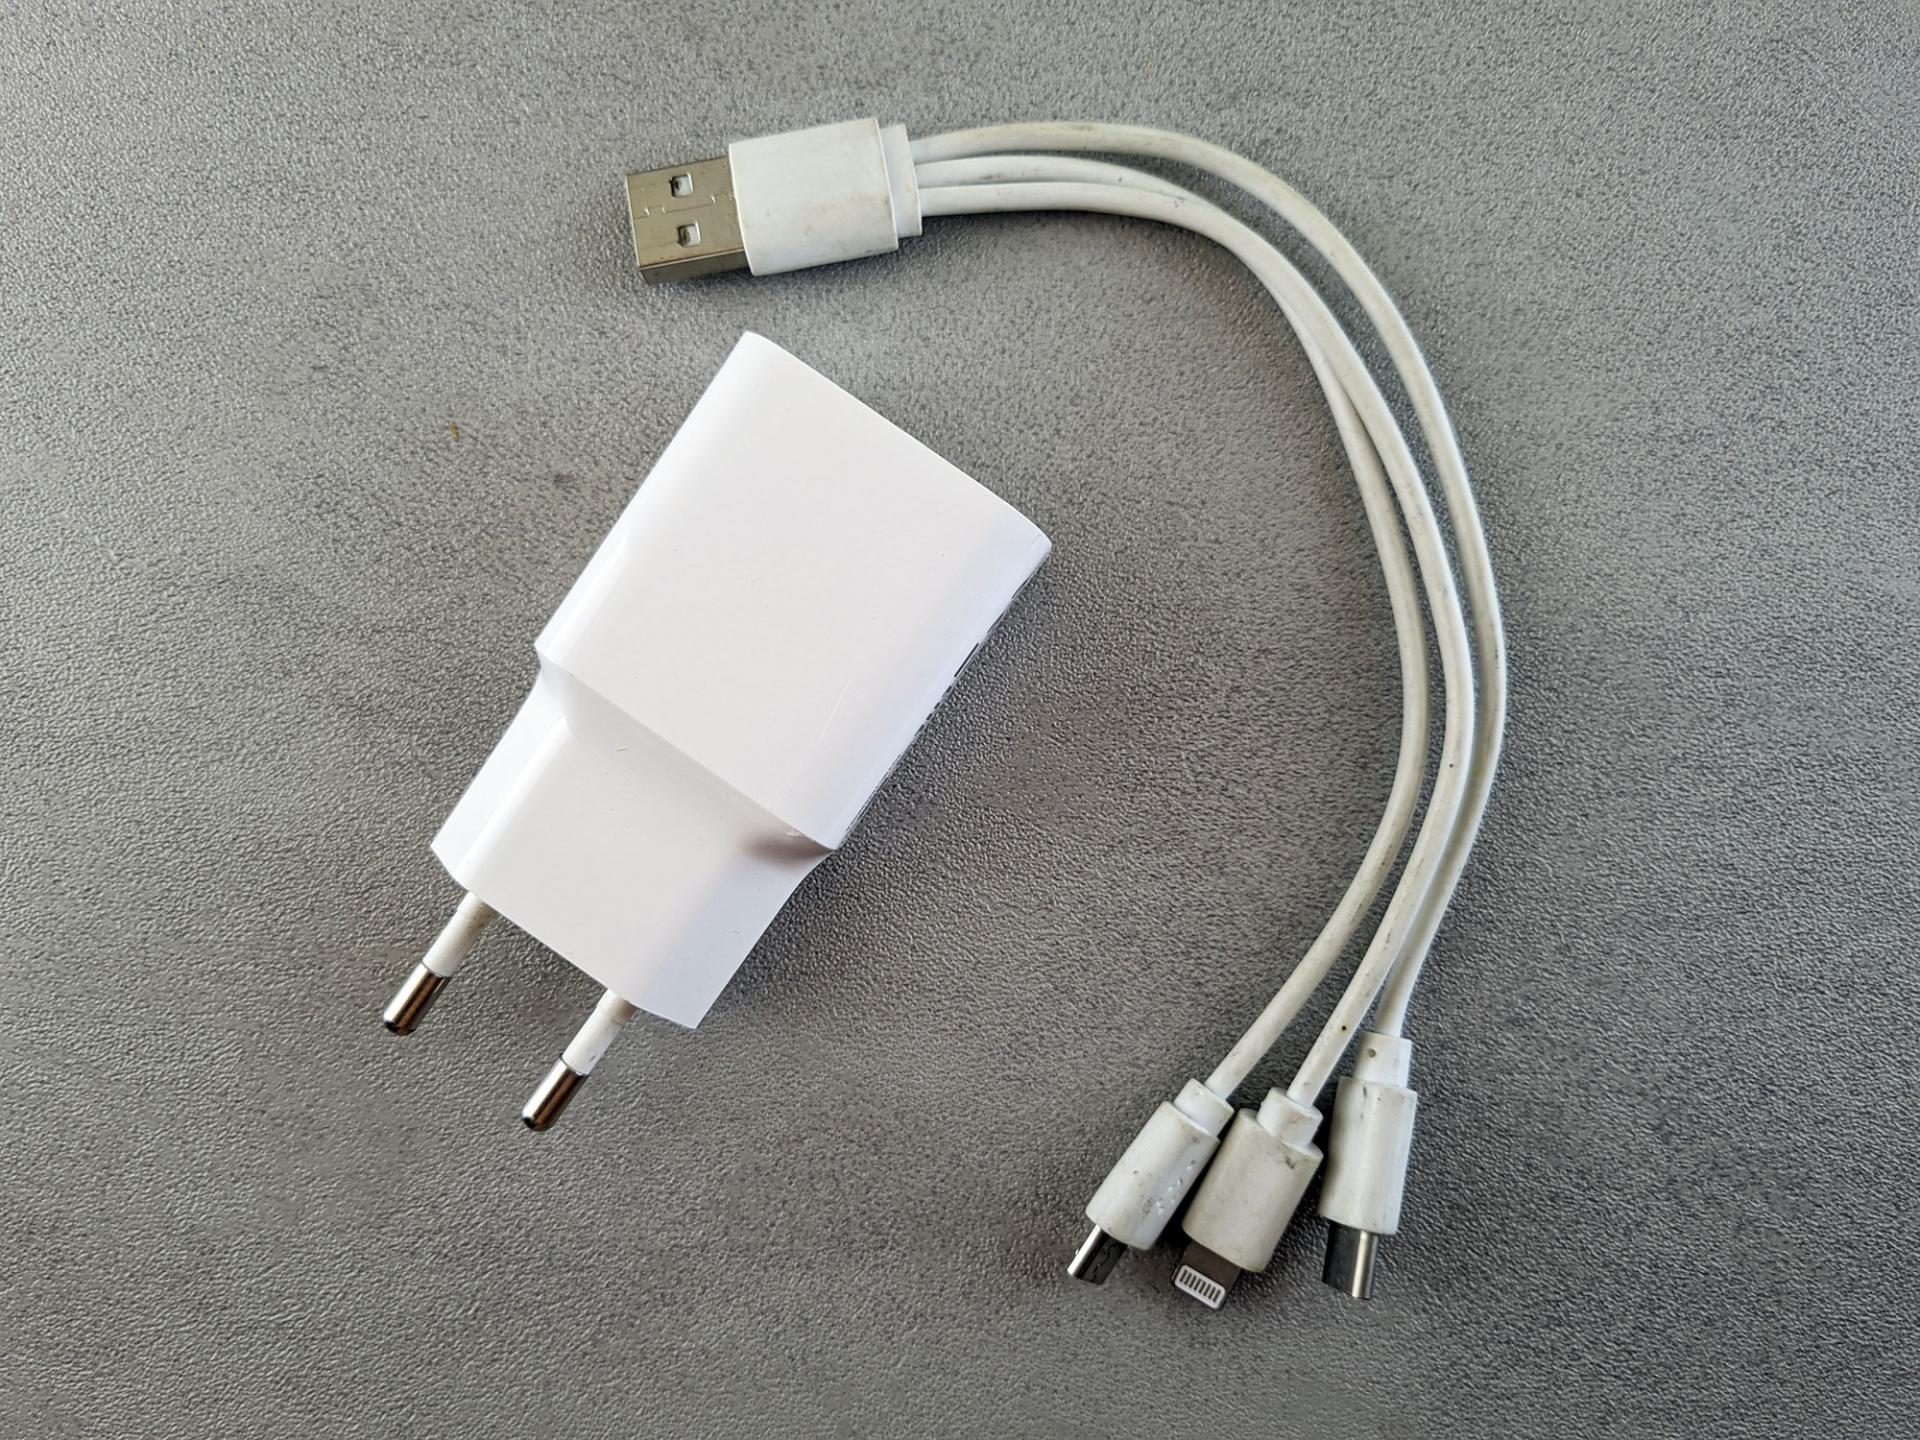 Евросоюз хочет принудить всех использовать USB Type-C